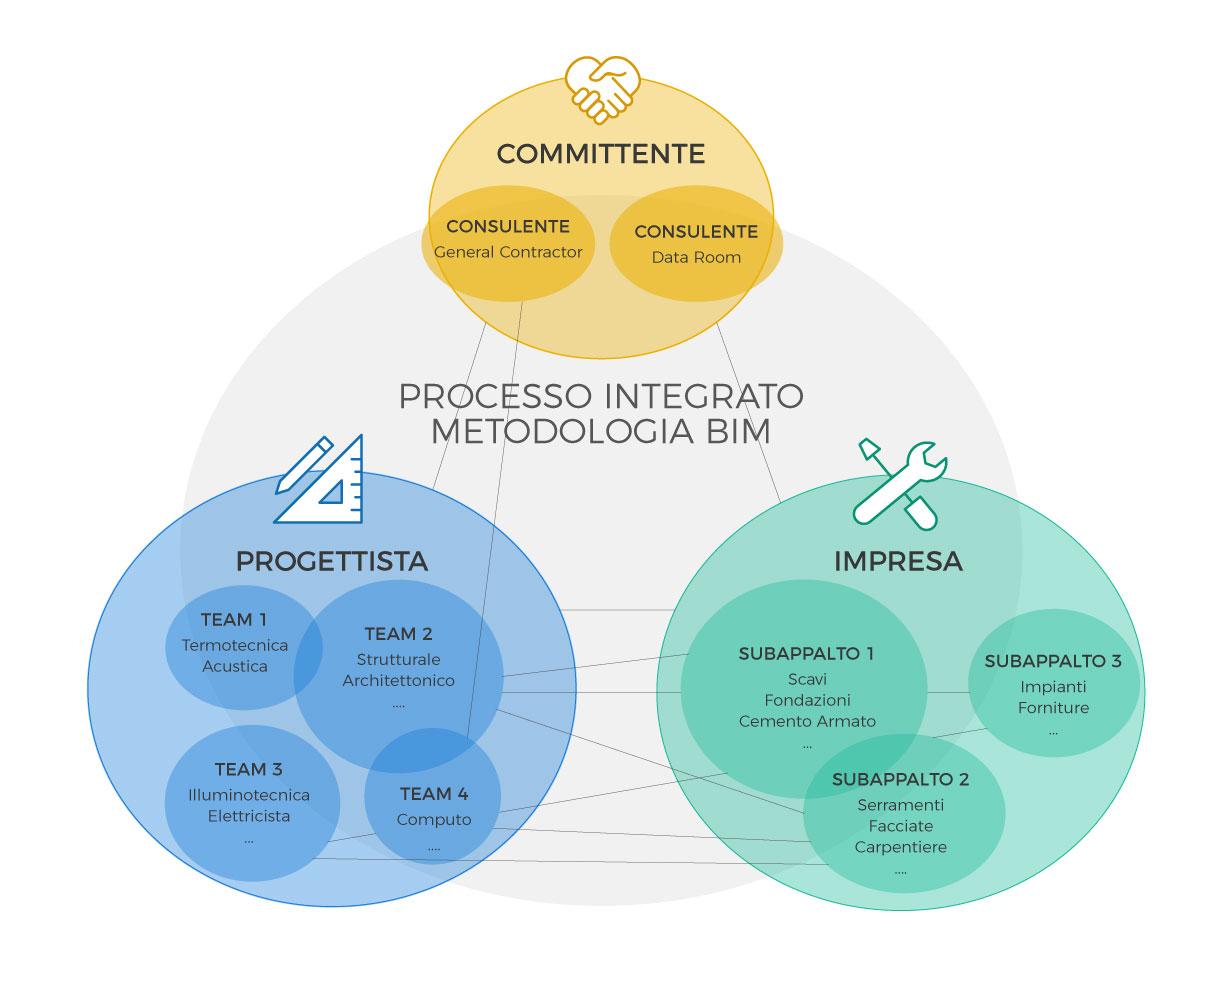 processo_integrato_BIM2